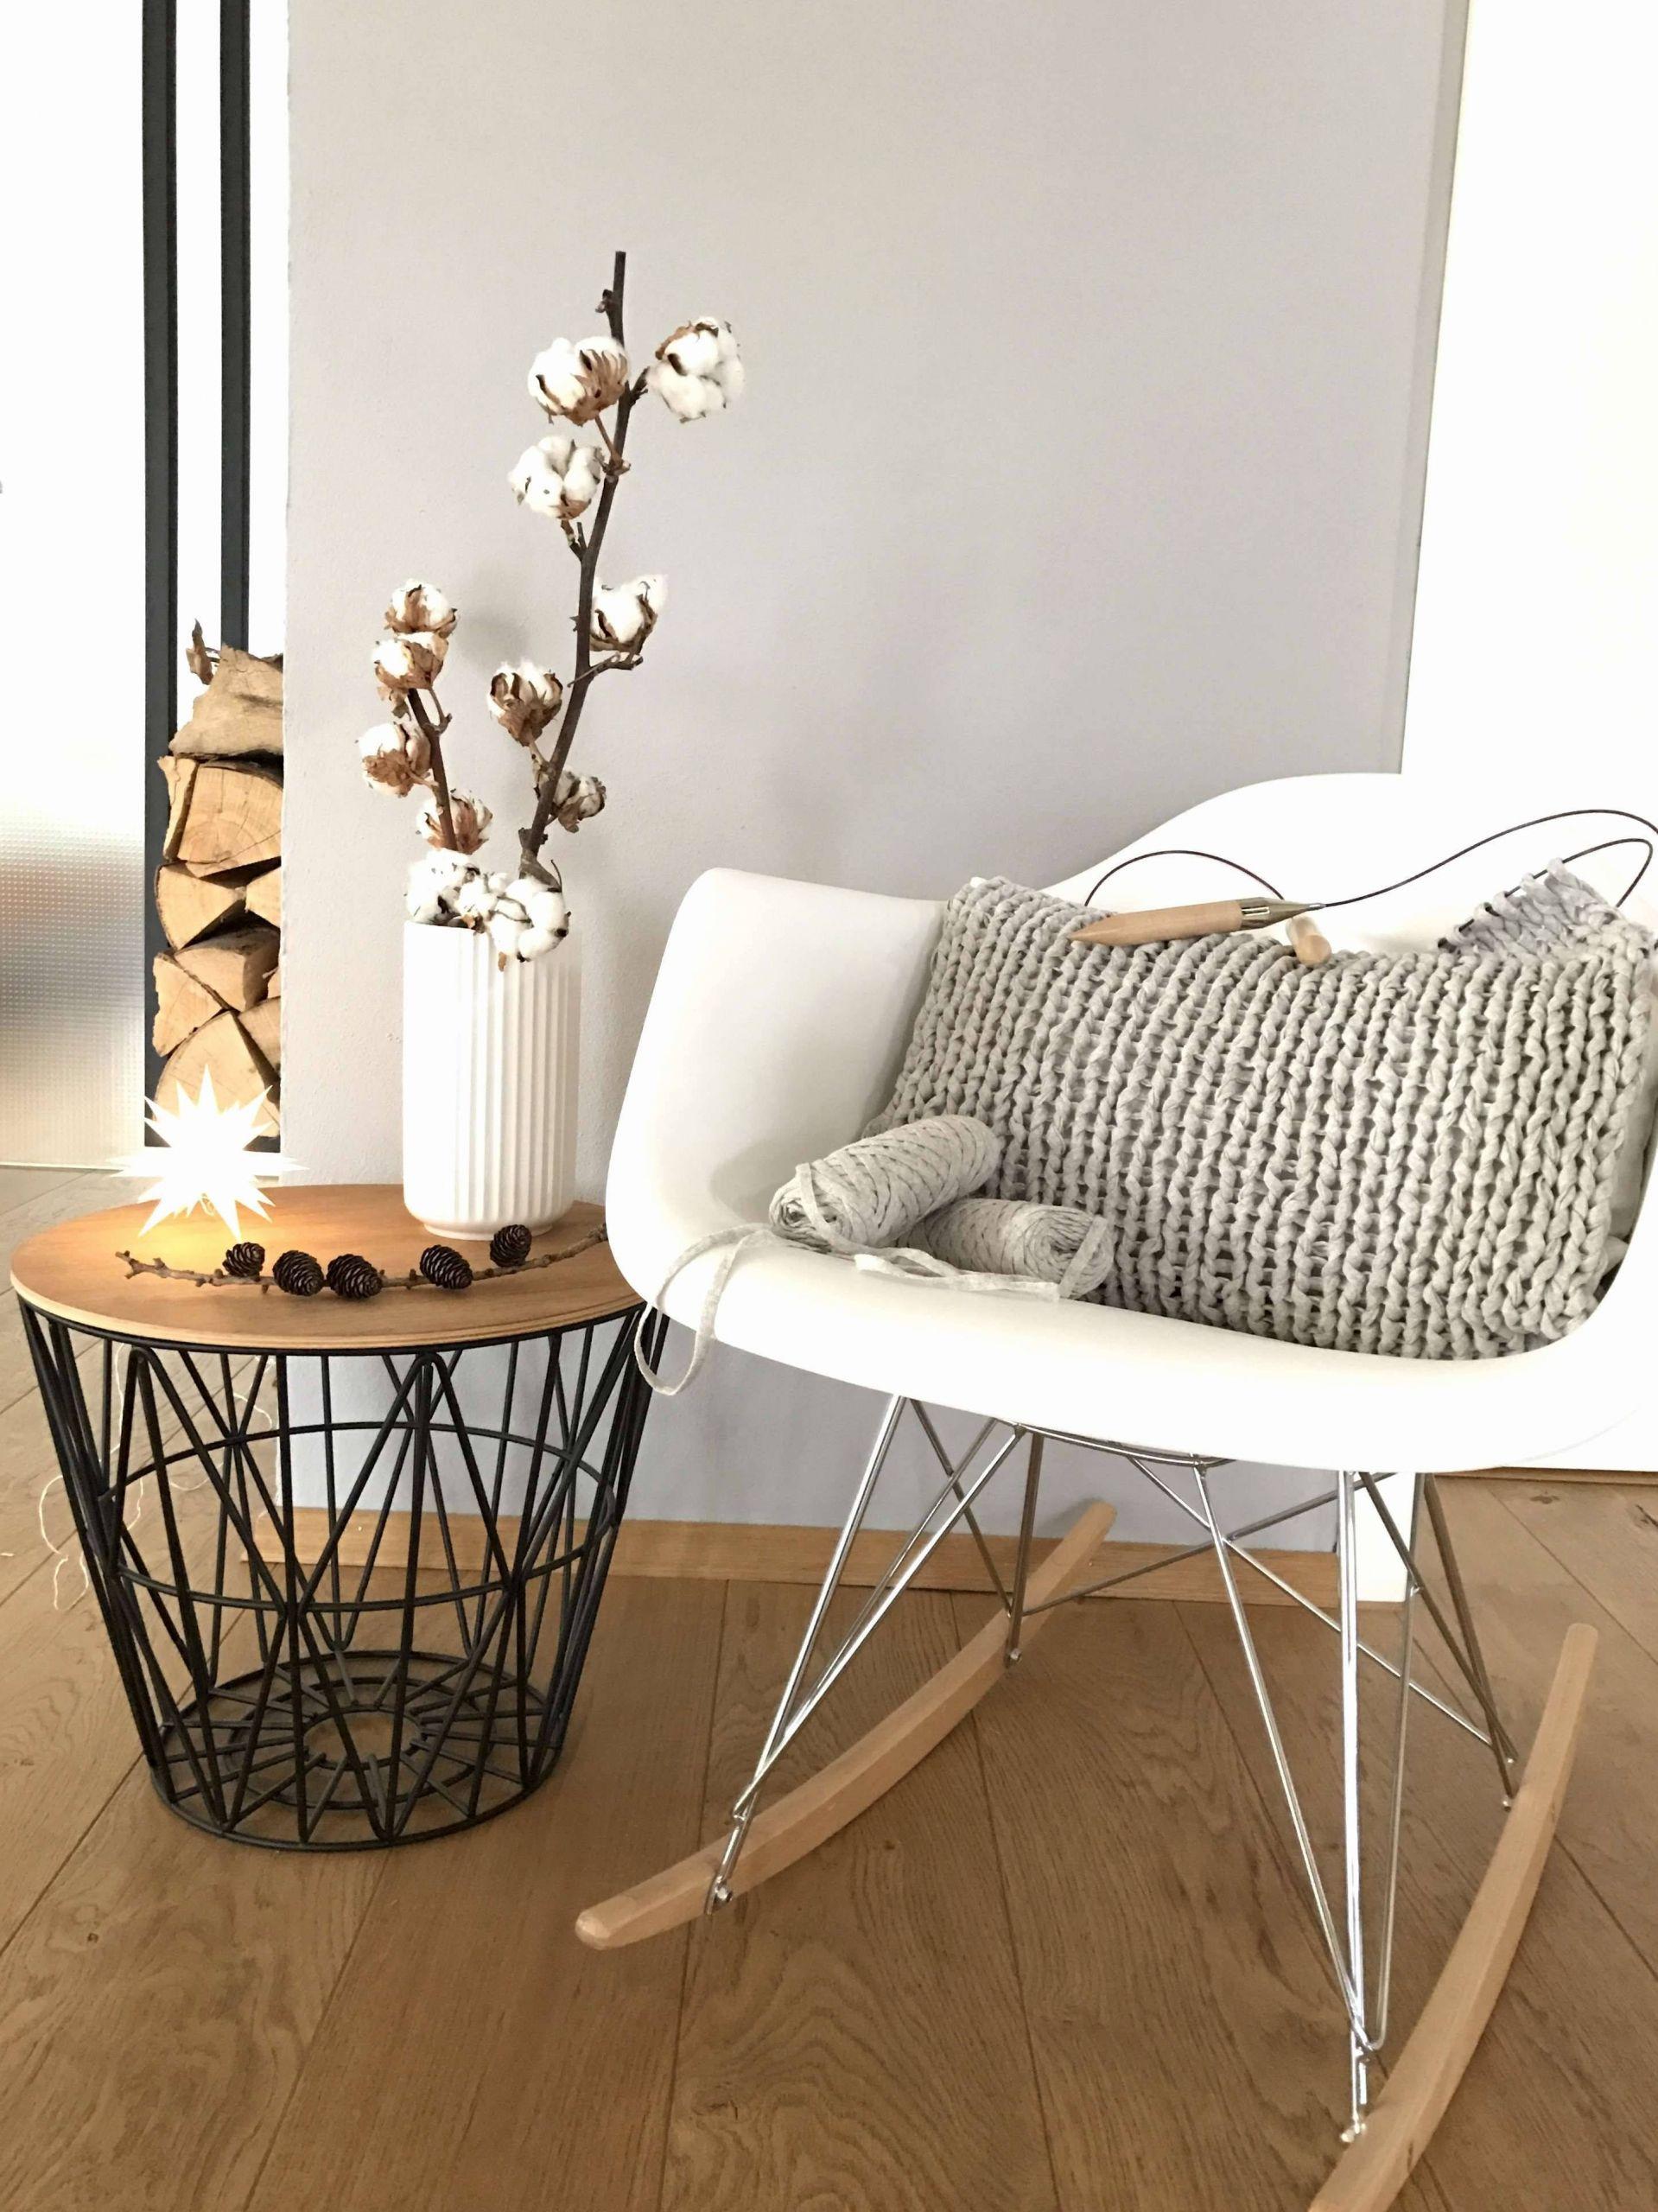 deko brunnen wohnzimmer inspirational wohnwand wohnzimmer schon wohnwand wohnzimmer 0d design von deko fur of deko brunnen wohnzimmer